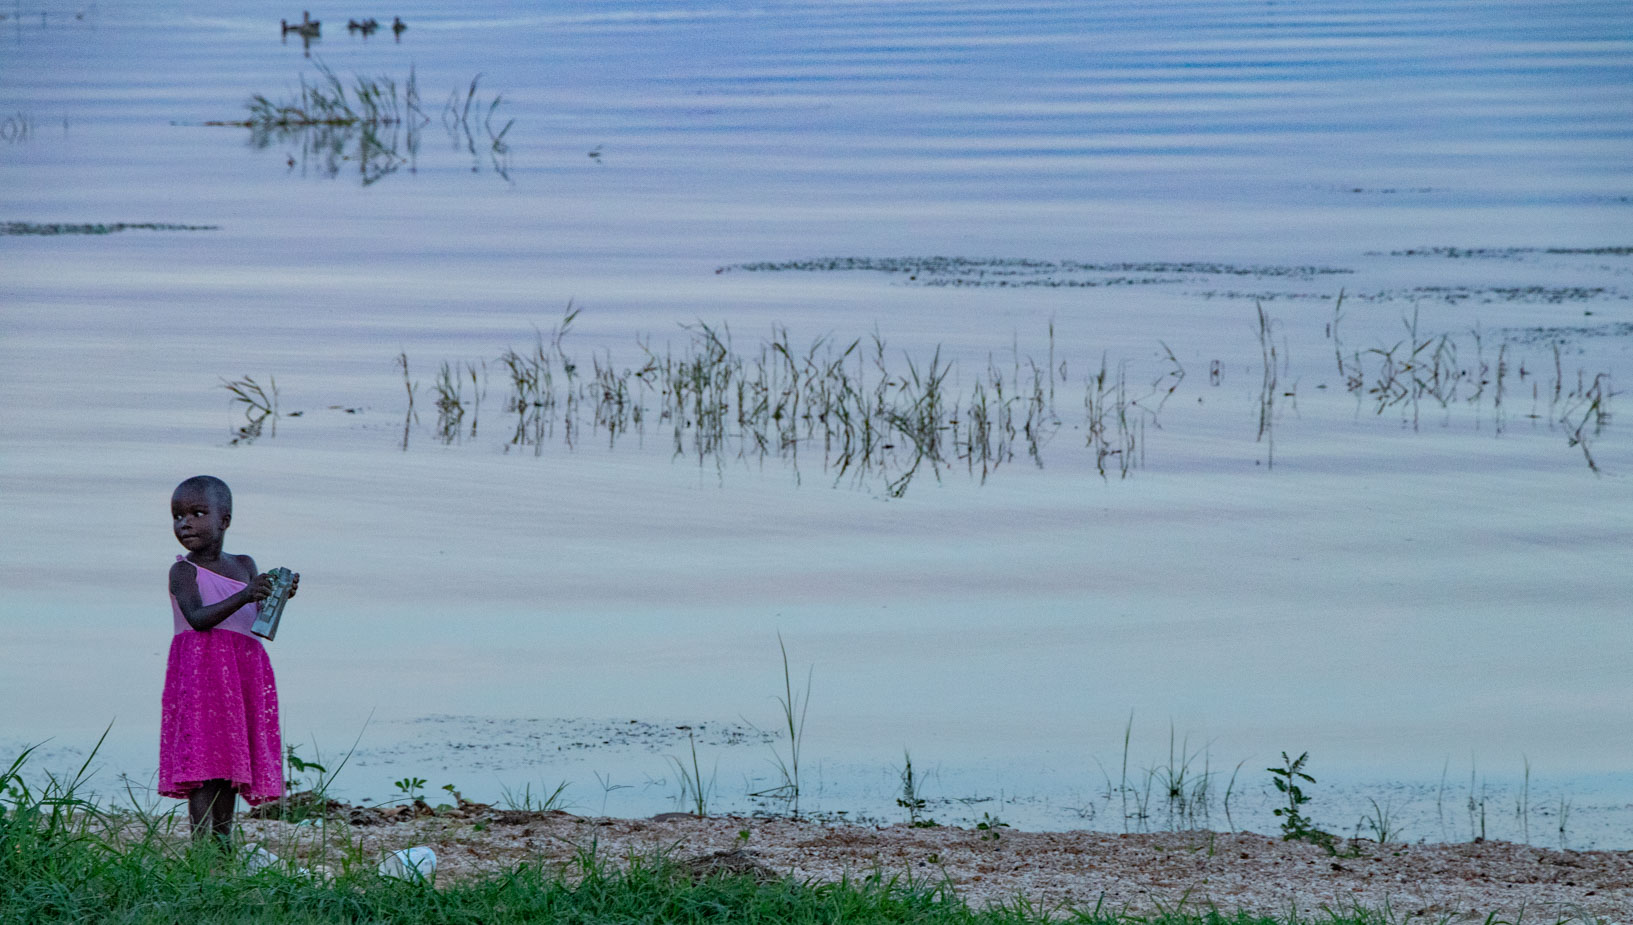 lago-victoria-uganda-1